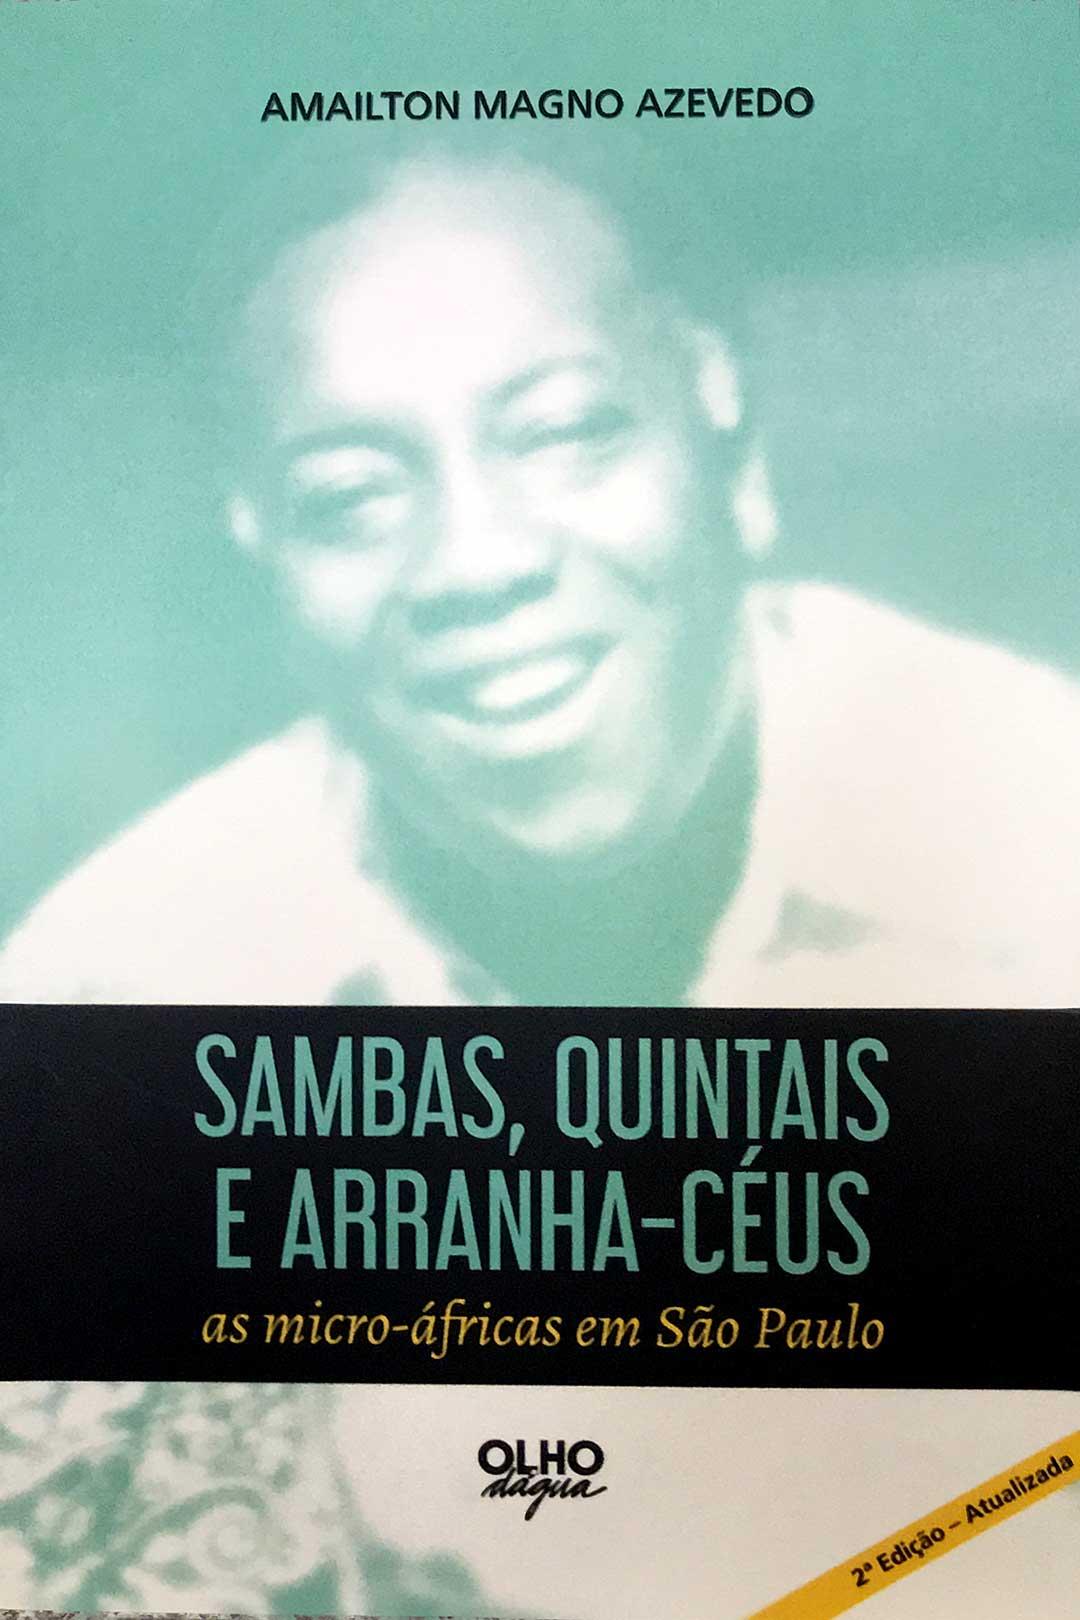 Sambas, Quintais e Arranha-Céus